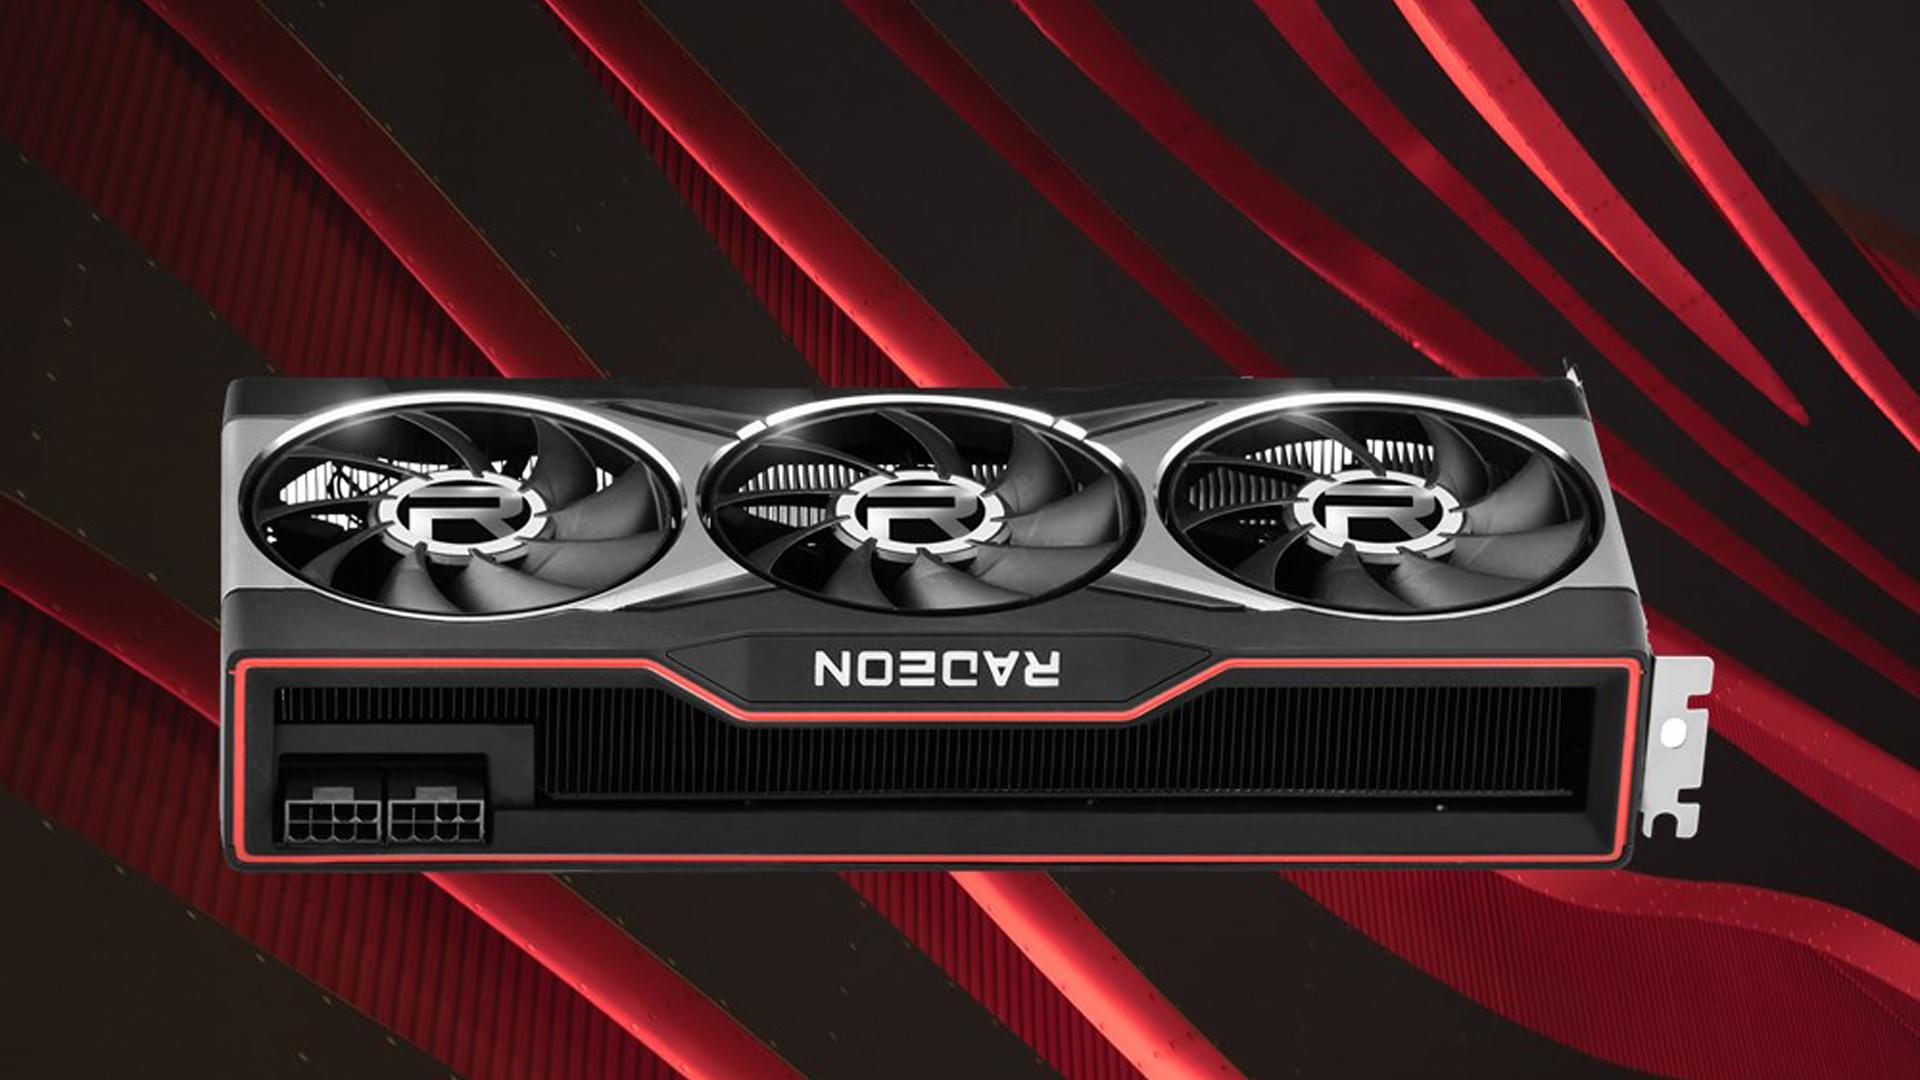 AMD RX-6800 1